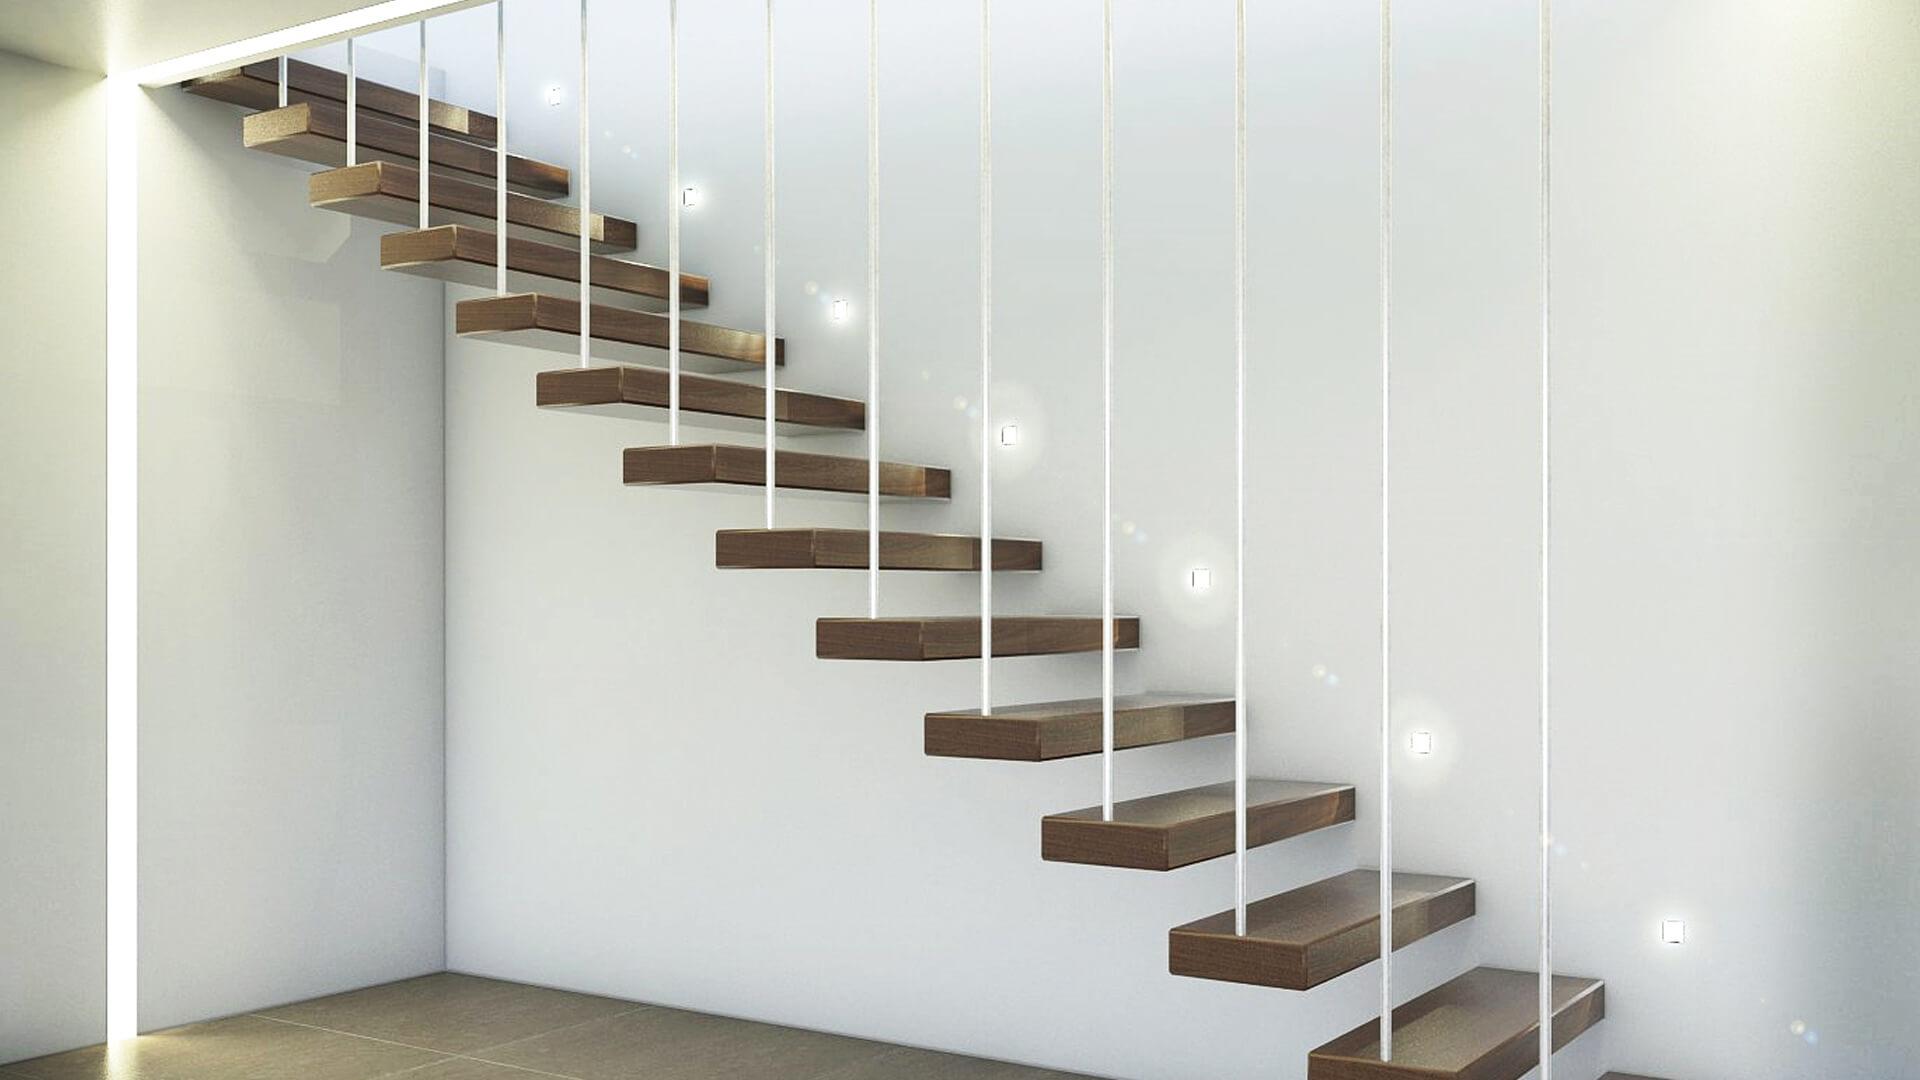 Progettazione e Render scala in stile moderno. Località Milano